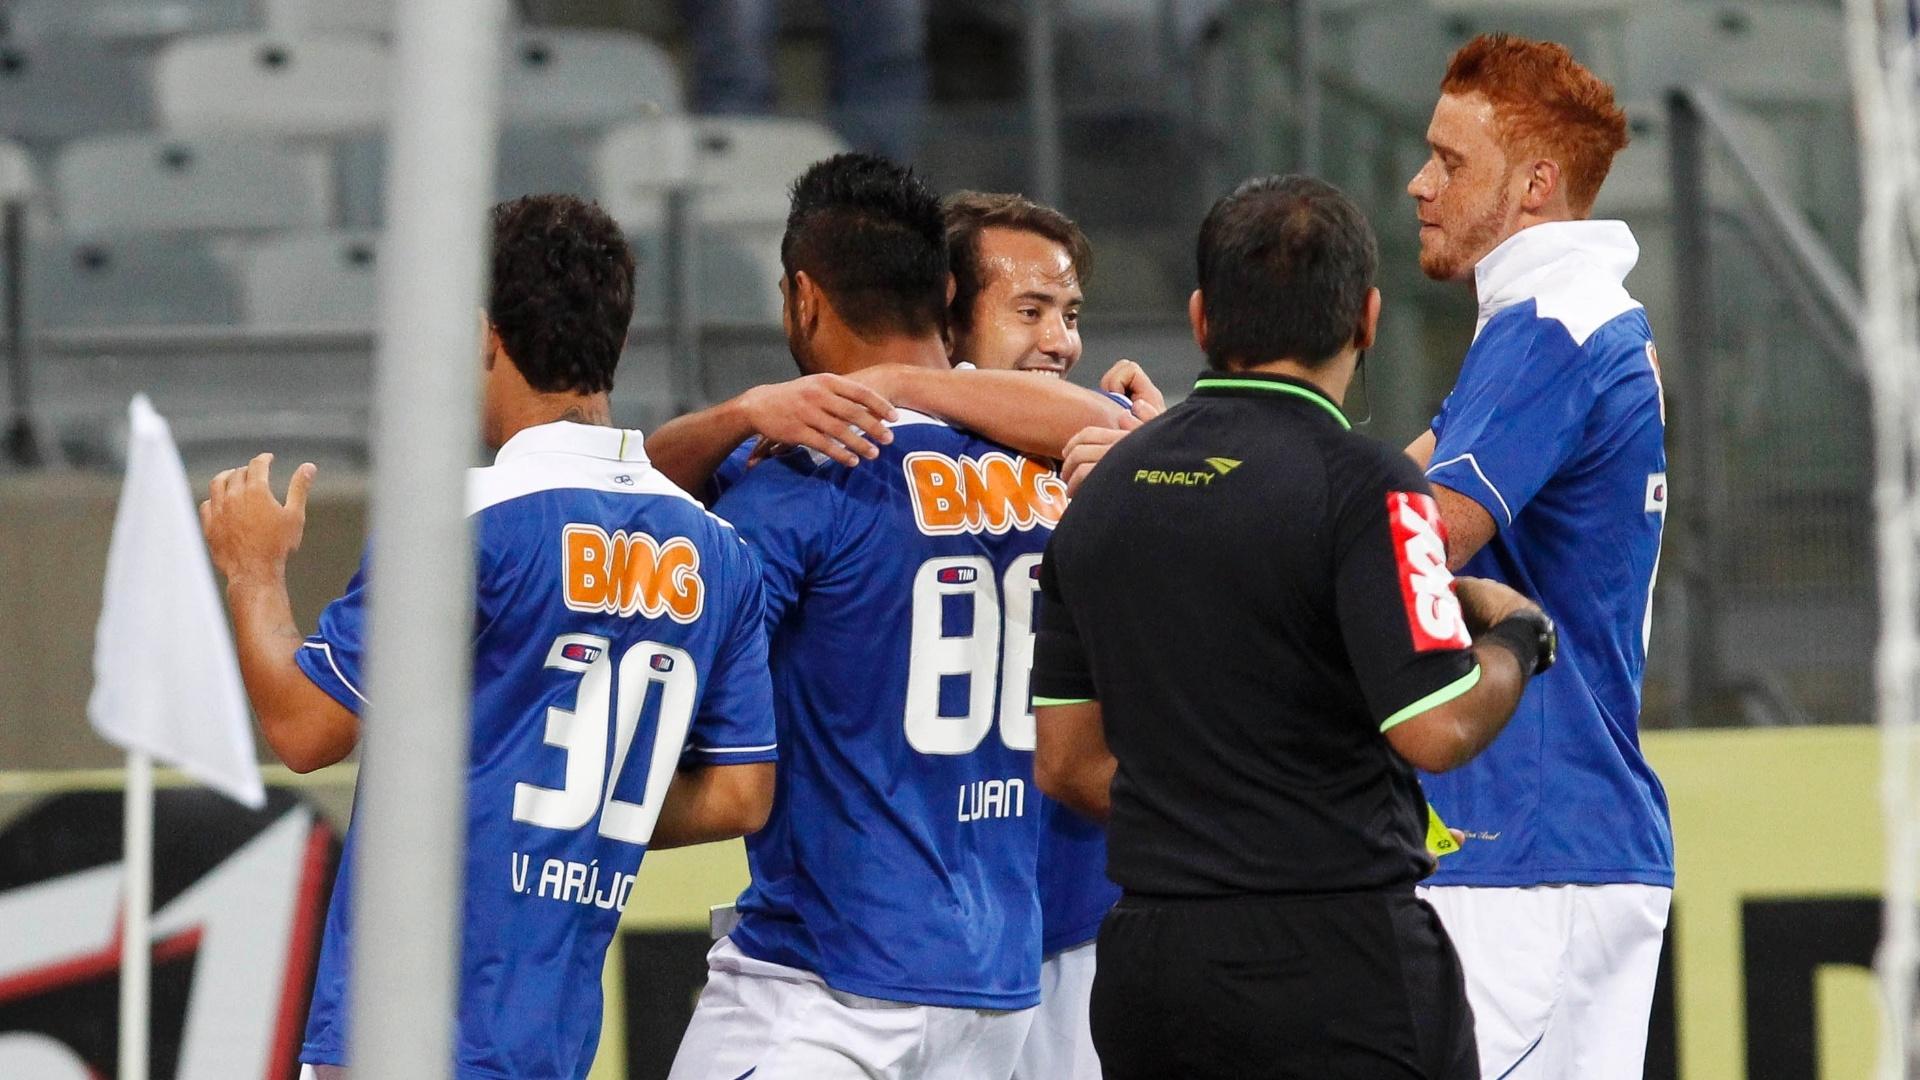 03.ago.2013 - Jogadores do Cruzeiro comemoram gol de Luan contra o Coritiba pela 11ª rodada do Brasileiro